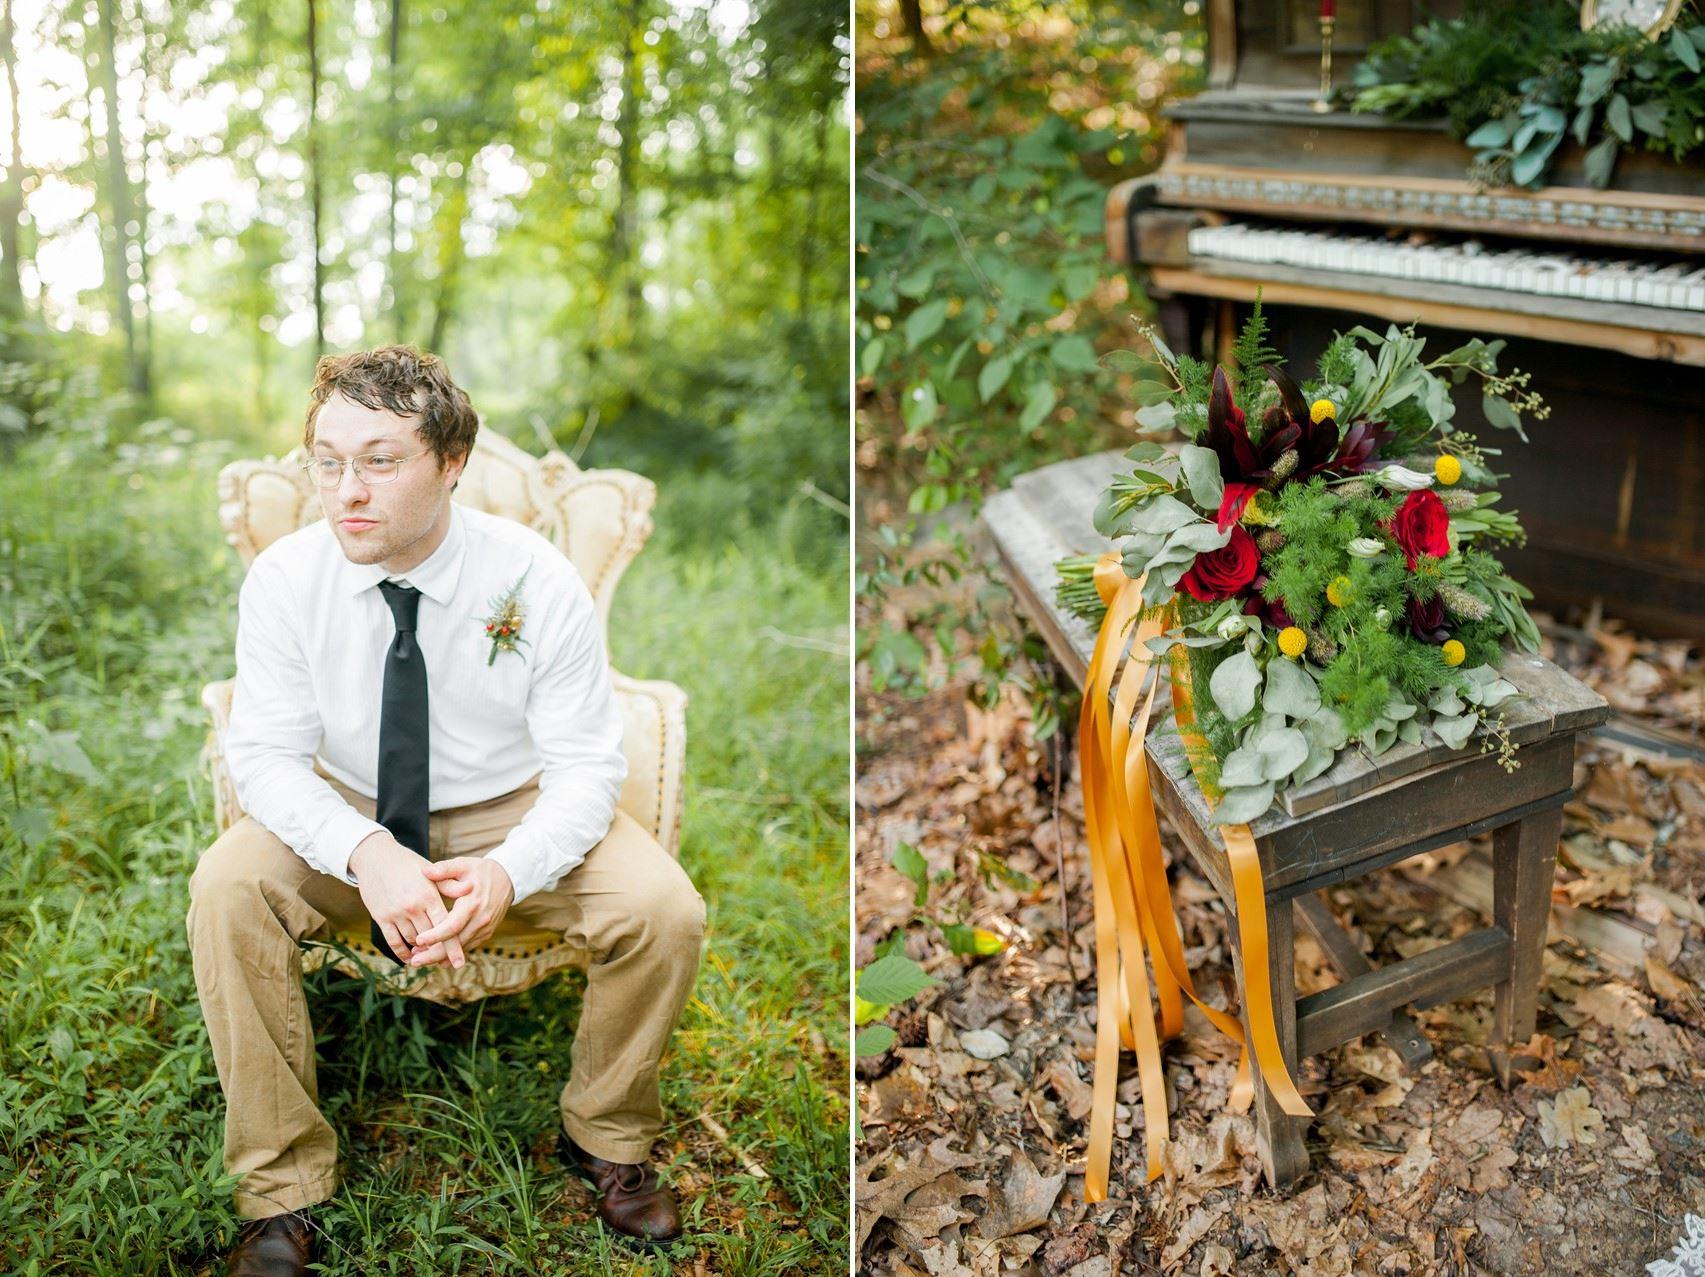 Vintage Groom - Boho Vintage Wedding Inspiration in Red, Green & Gold